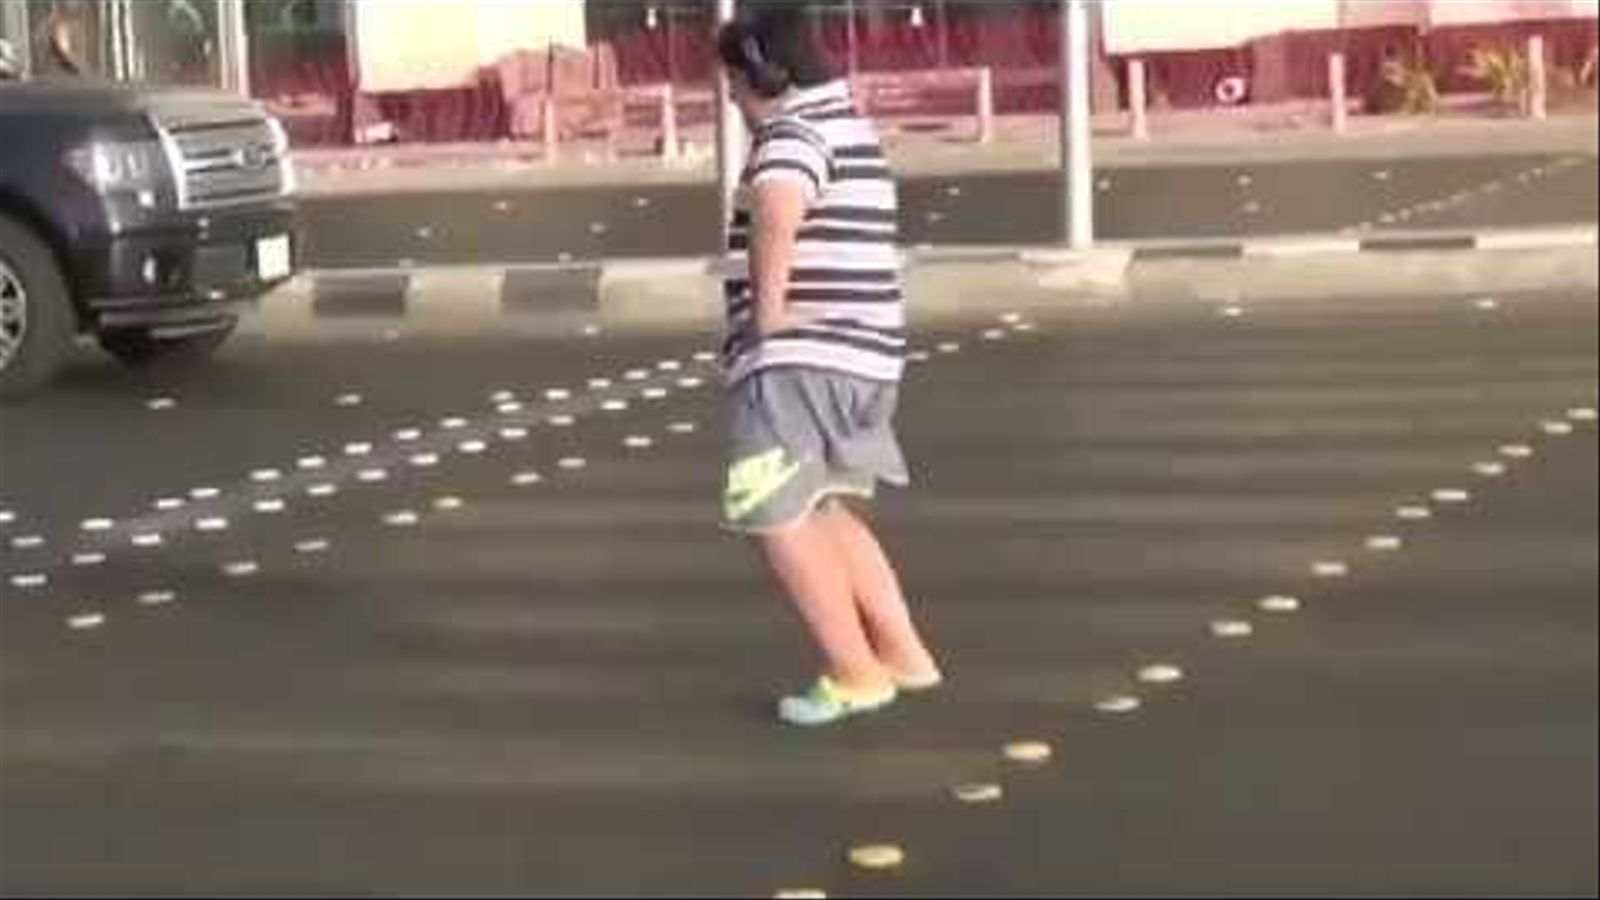 Un nen de 14 anys balla al ritme de la Macarena al mig del carrer a la ciutat de Yeda, a l'oest de l'Aràbia Saudita